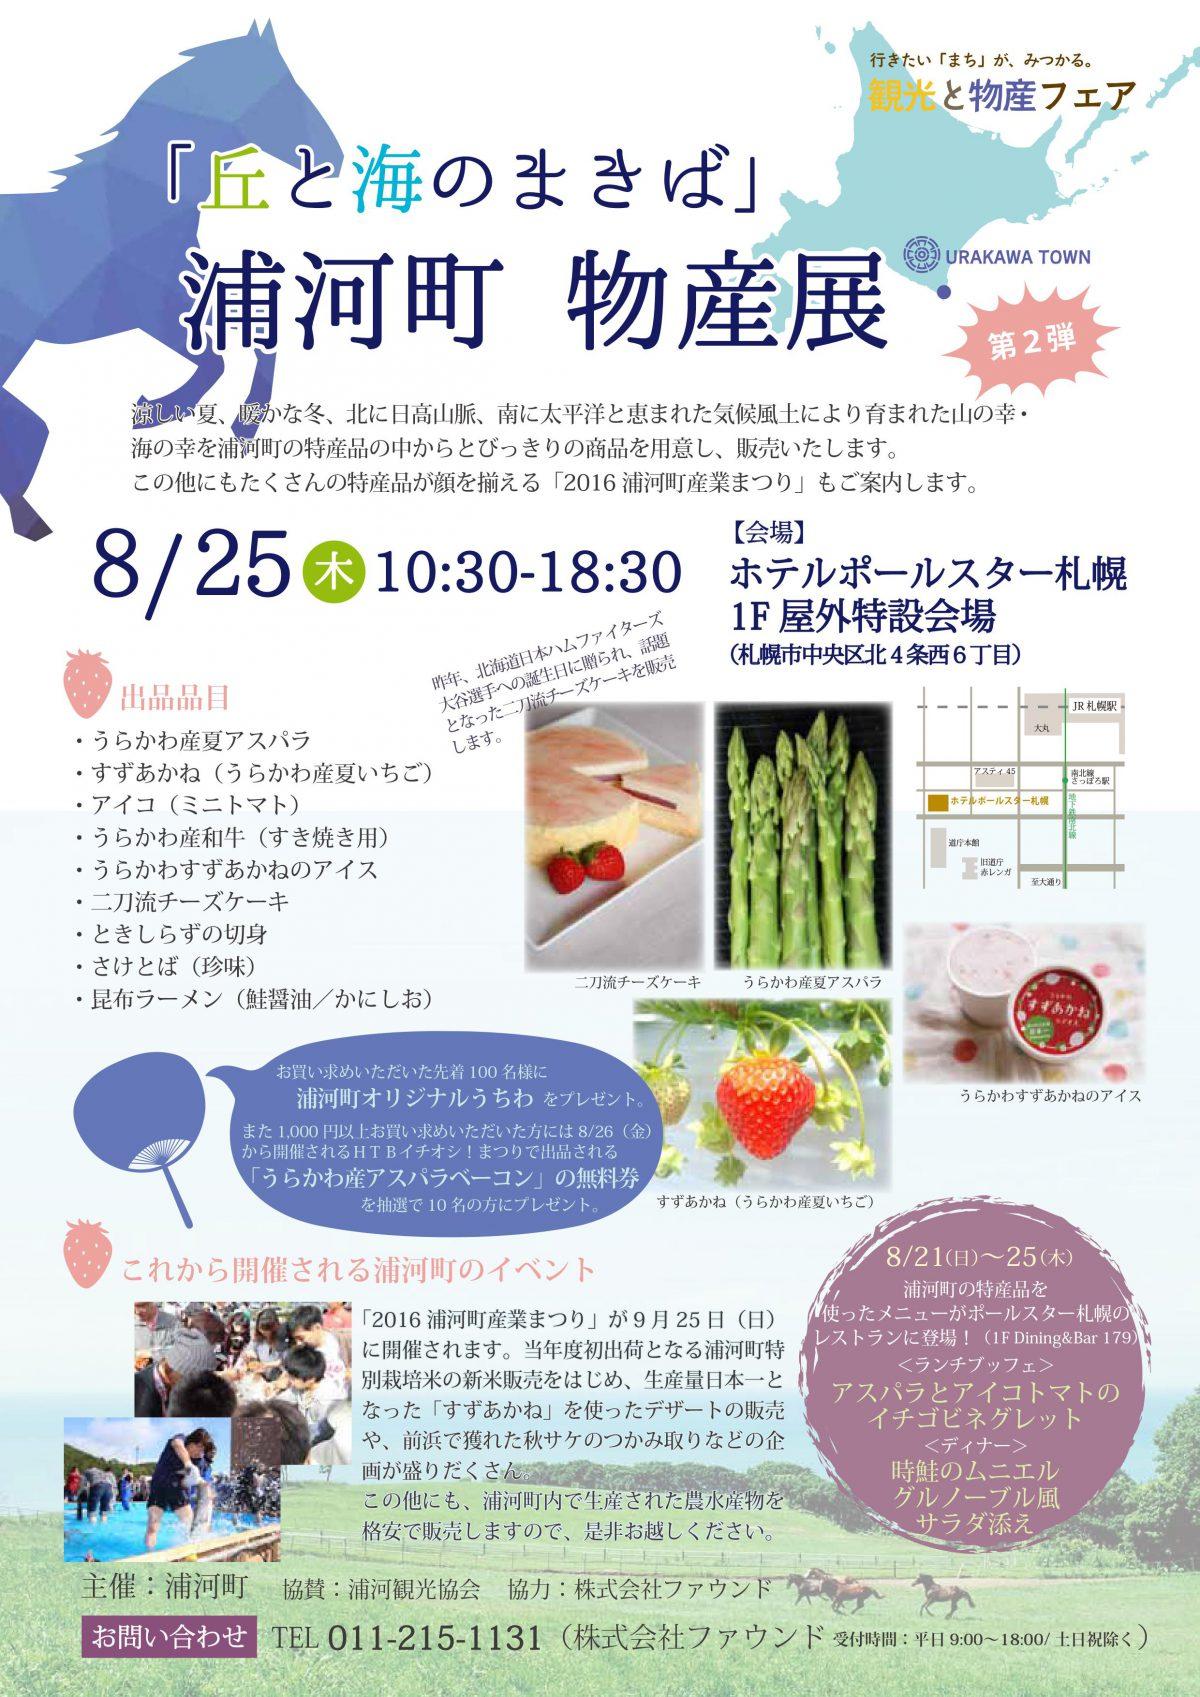 8/25(木)・8/26(金)~8/28(日)イベント情報@札幌